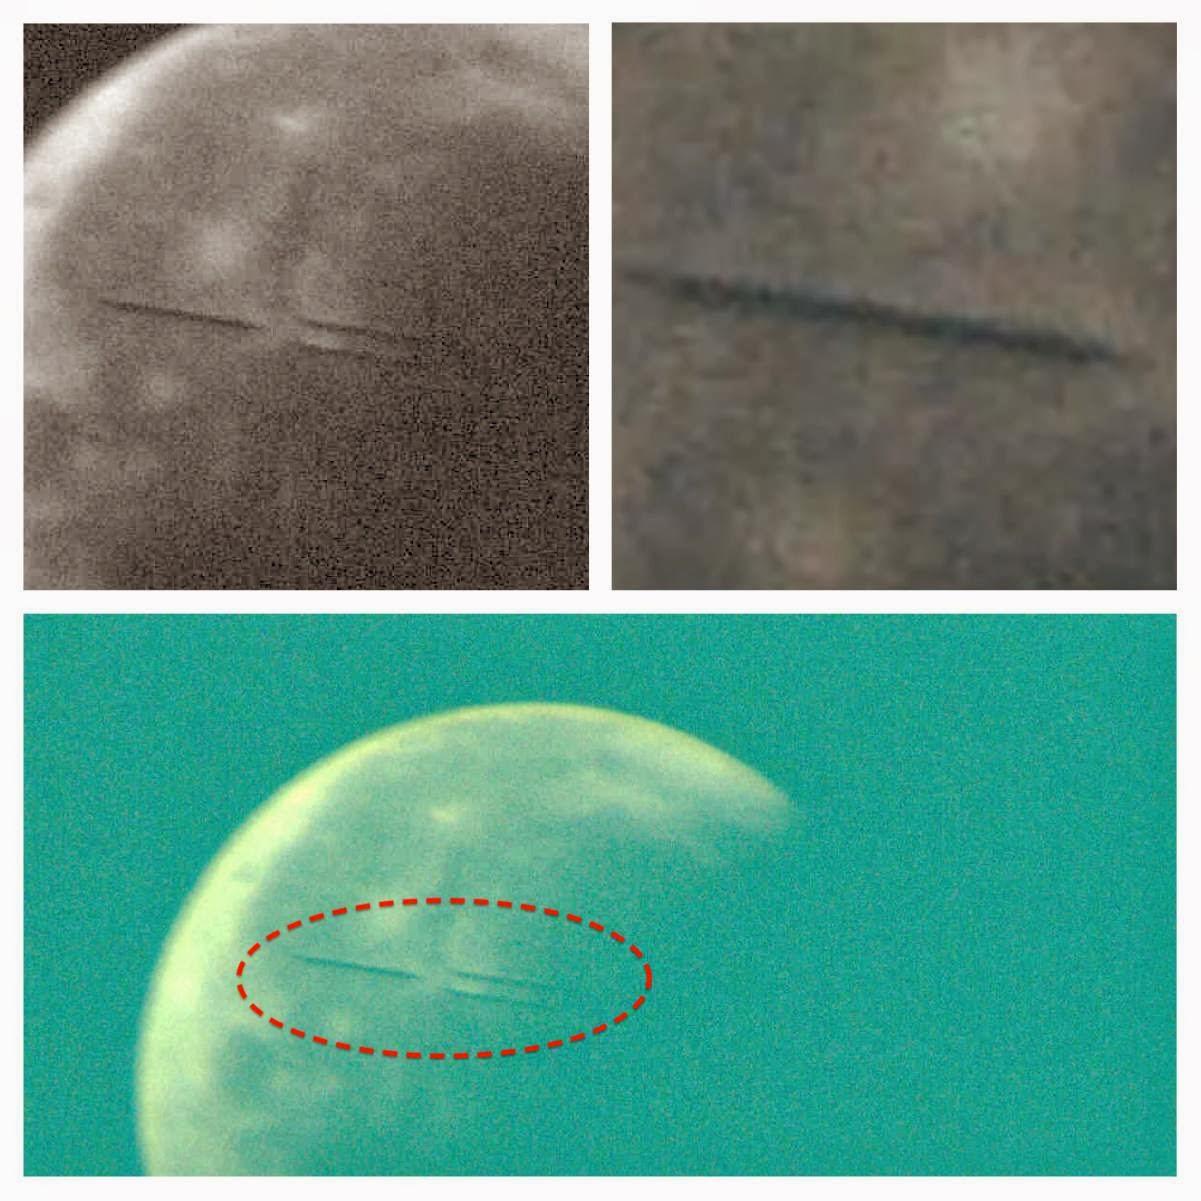 nasa moon sighting - photo #30